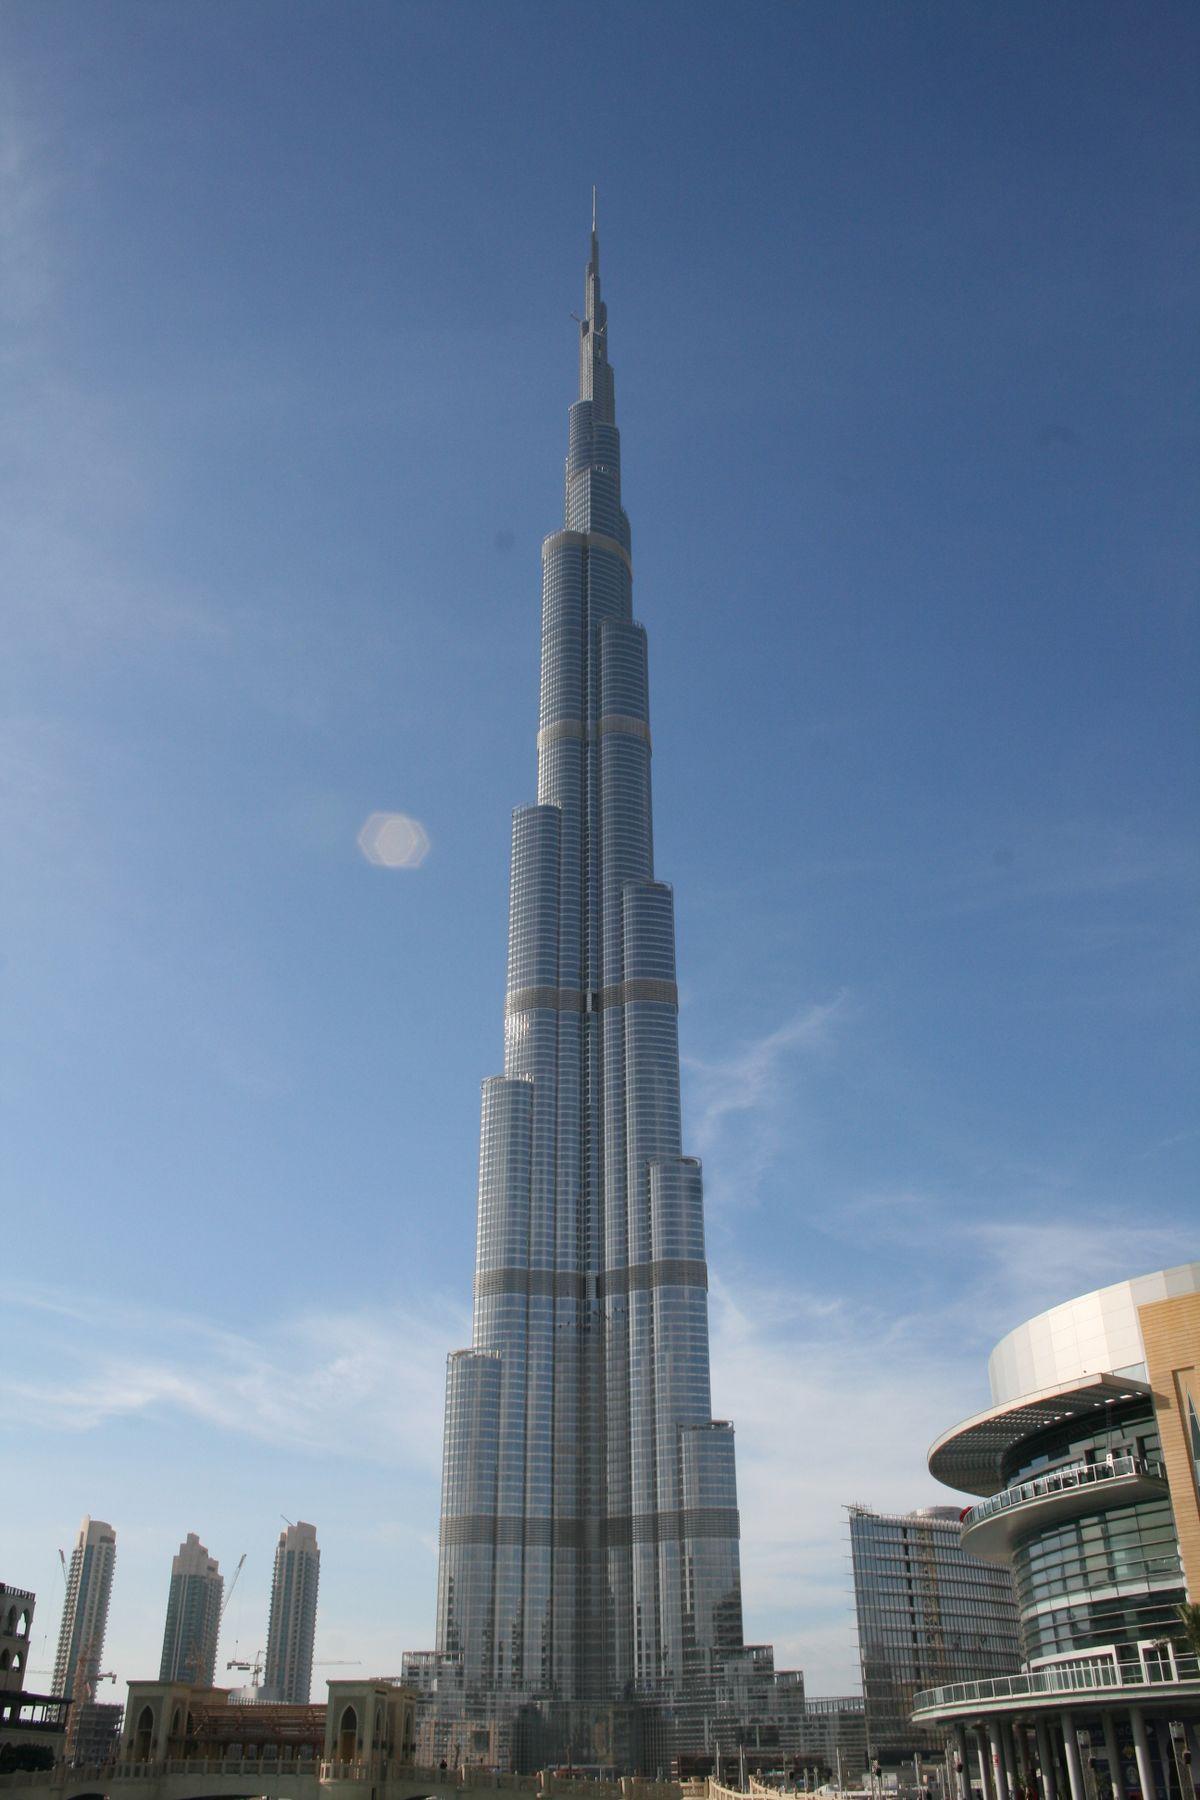 صور برج خليفة بالانجليزي , اطول ابراج العالم